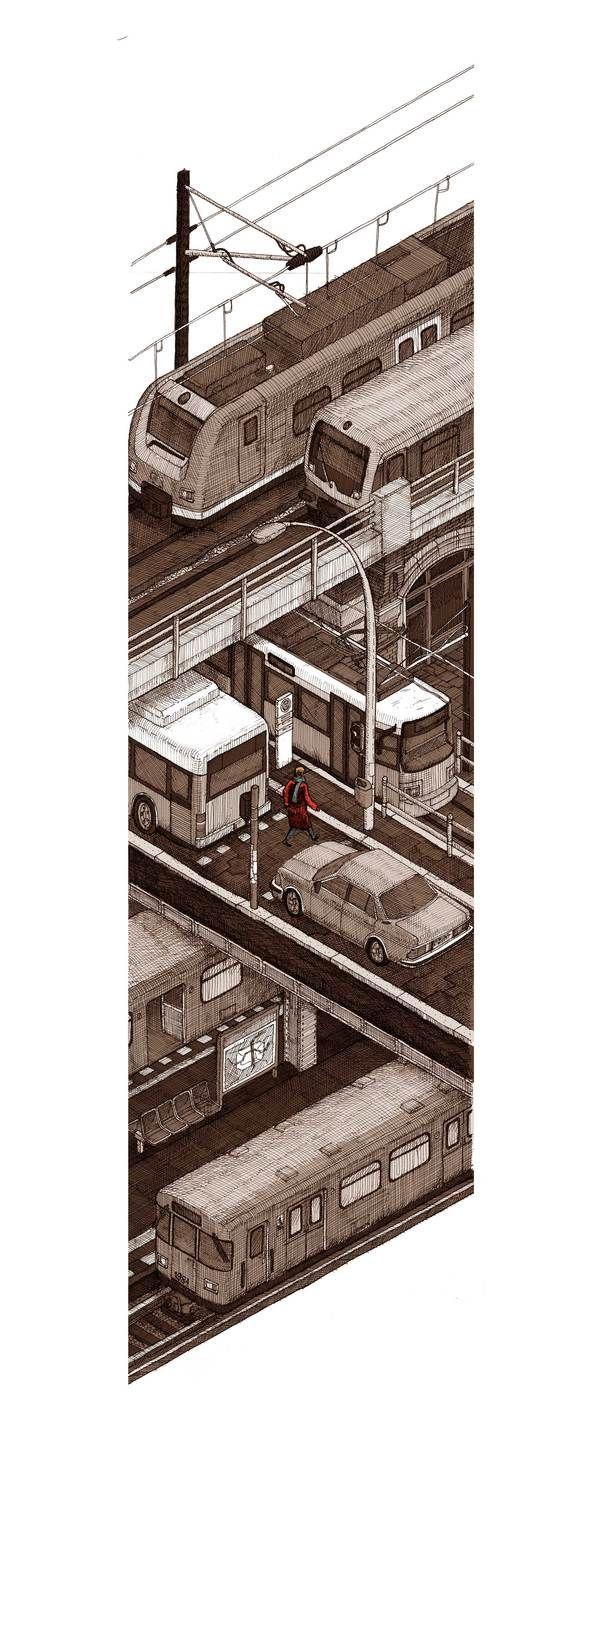 Bahn by Evan Wakelin, via Behance